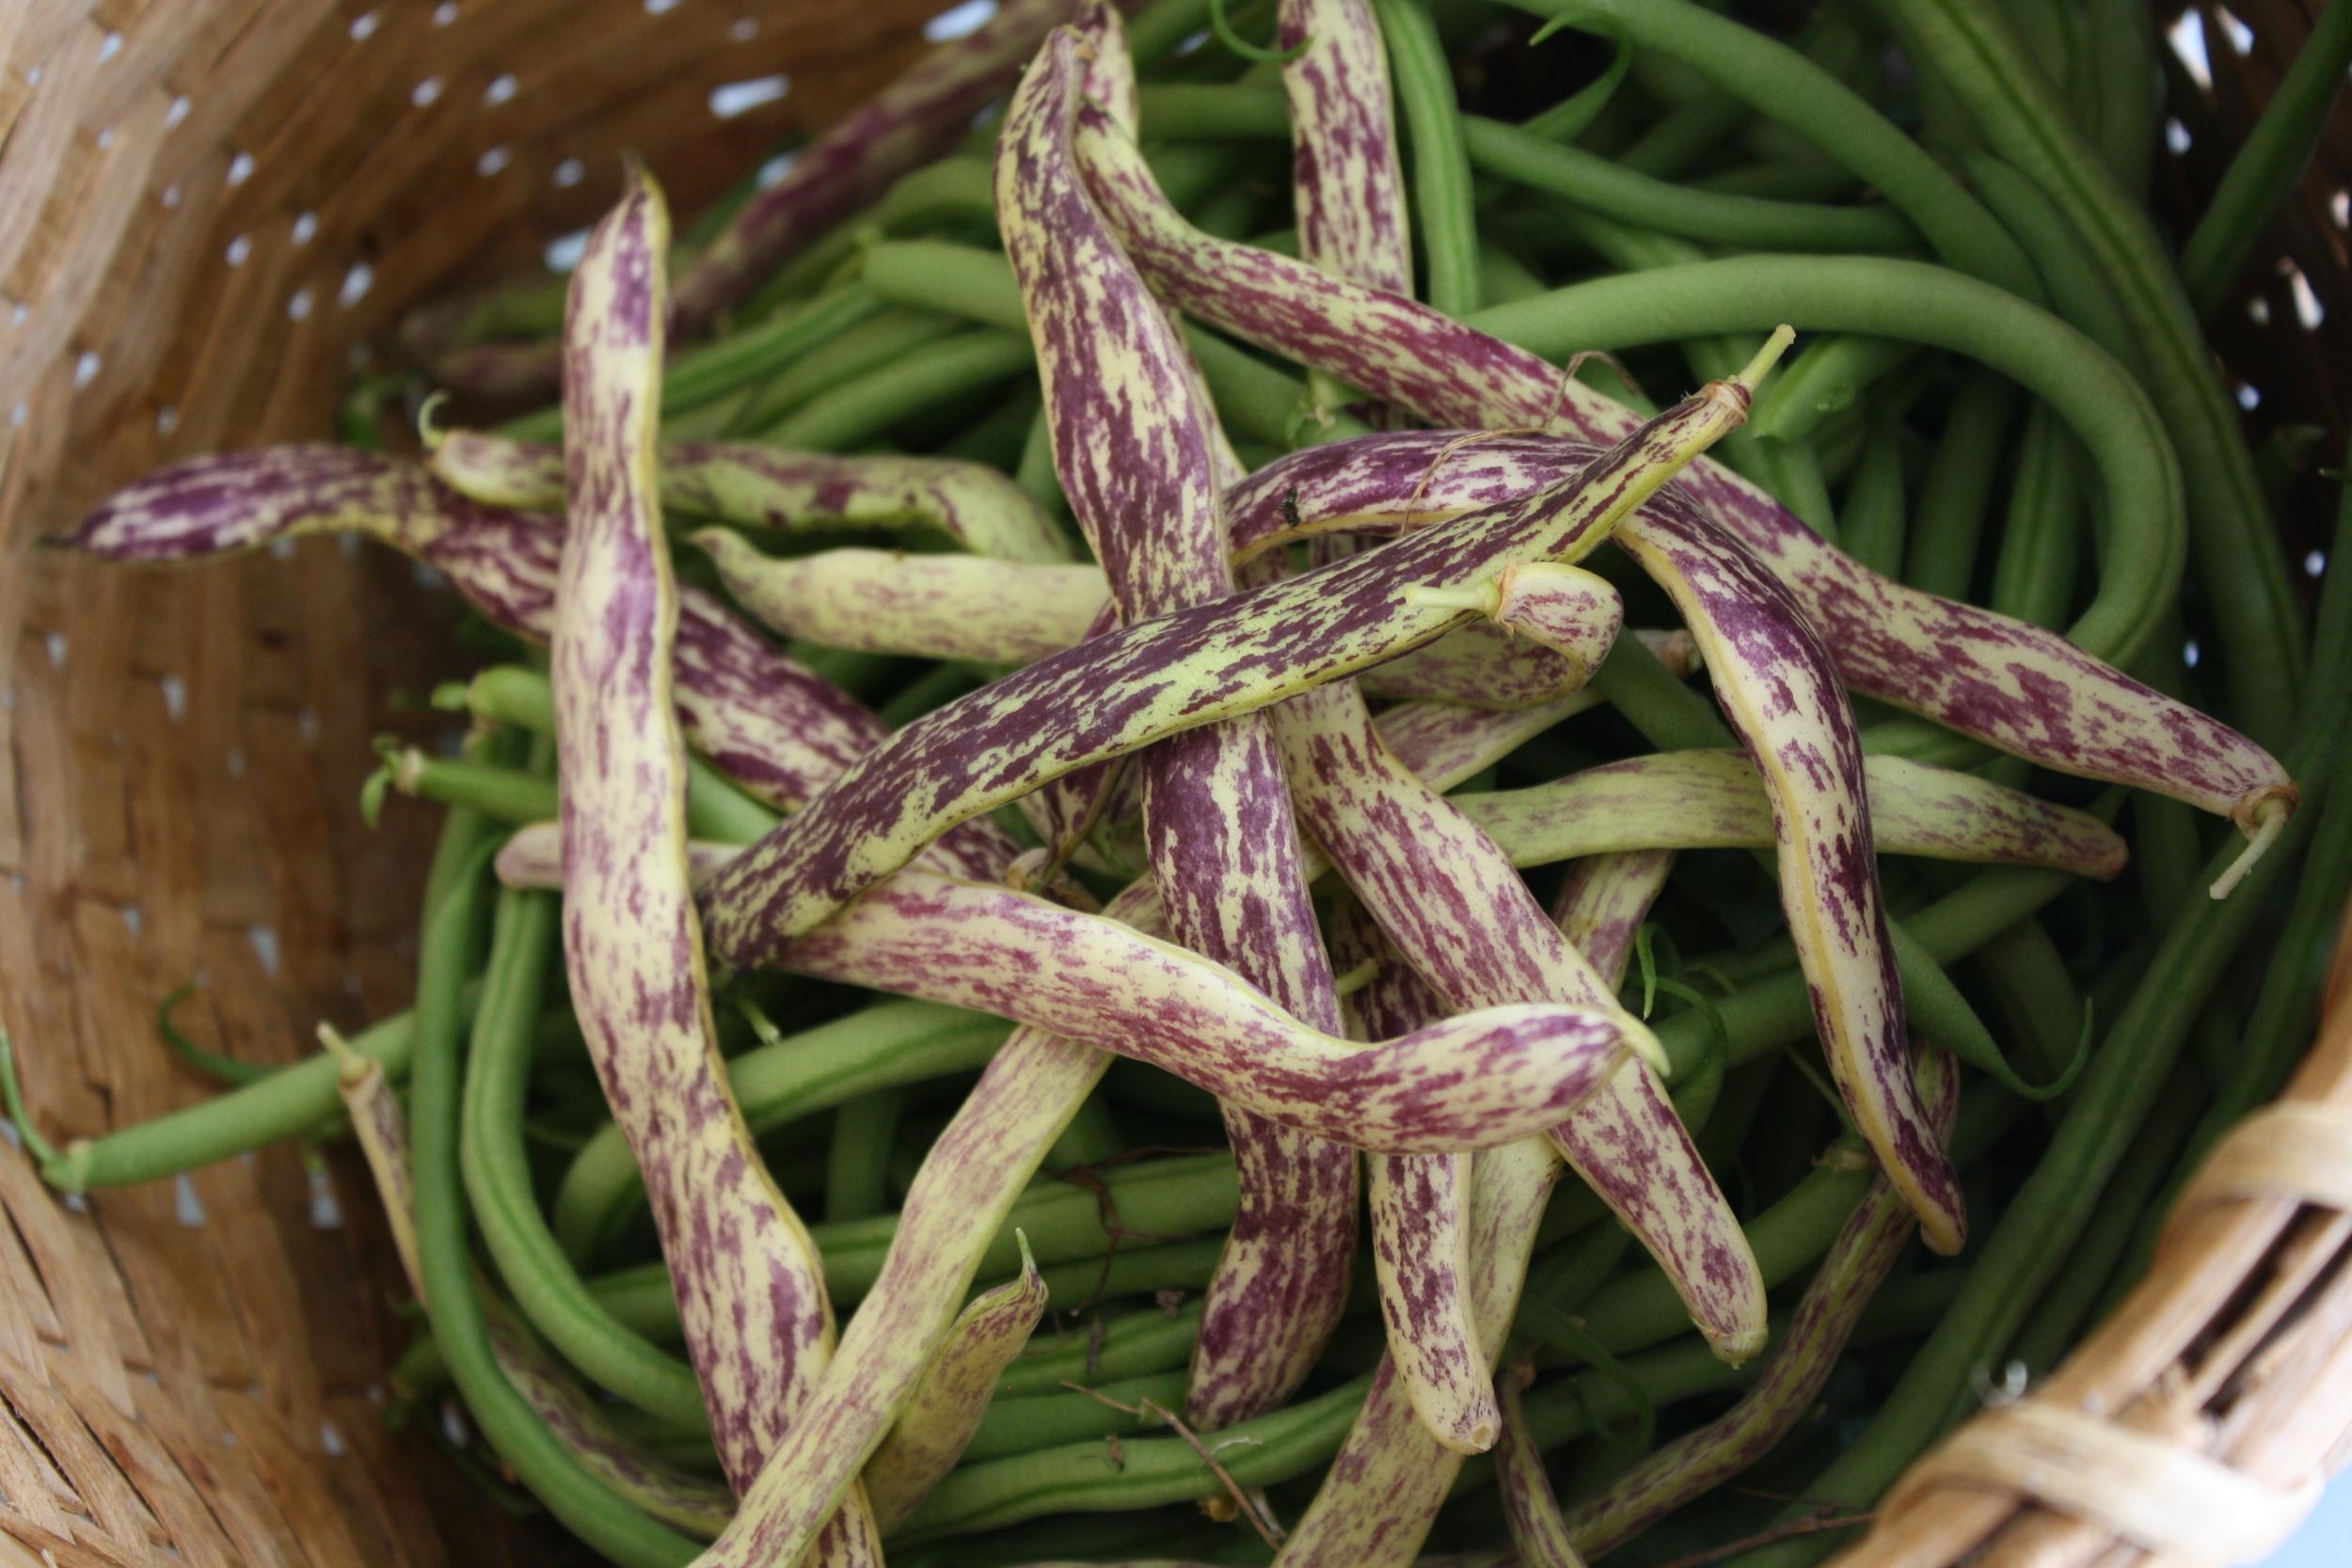 'Calima' and 'Dragon Tongue' bush beans